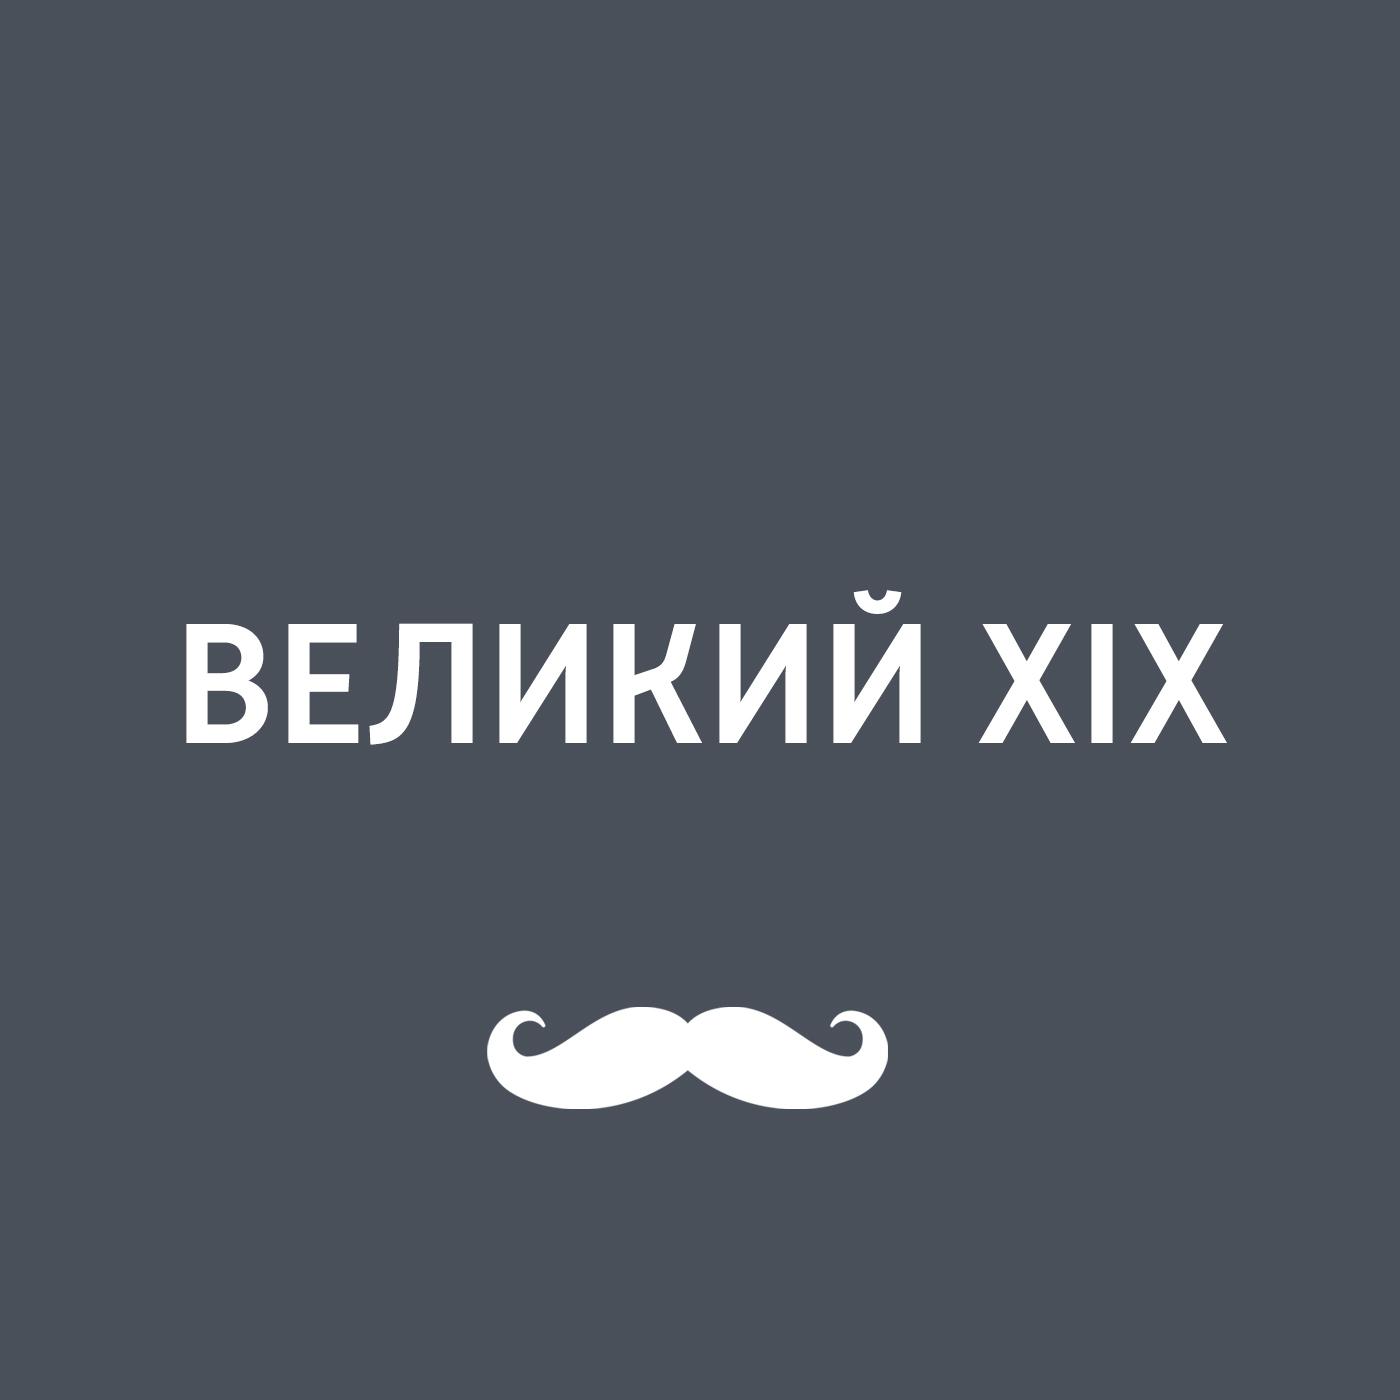 Игорь Ружейников Как повлияла Кавказская война на политическую карту XIX века и жизнь Российской империи